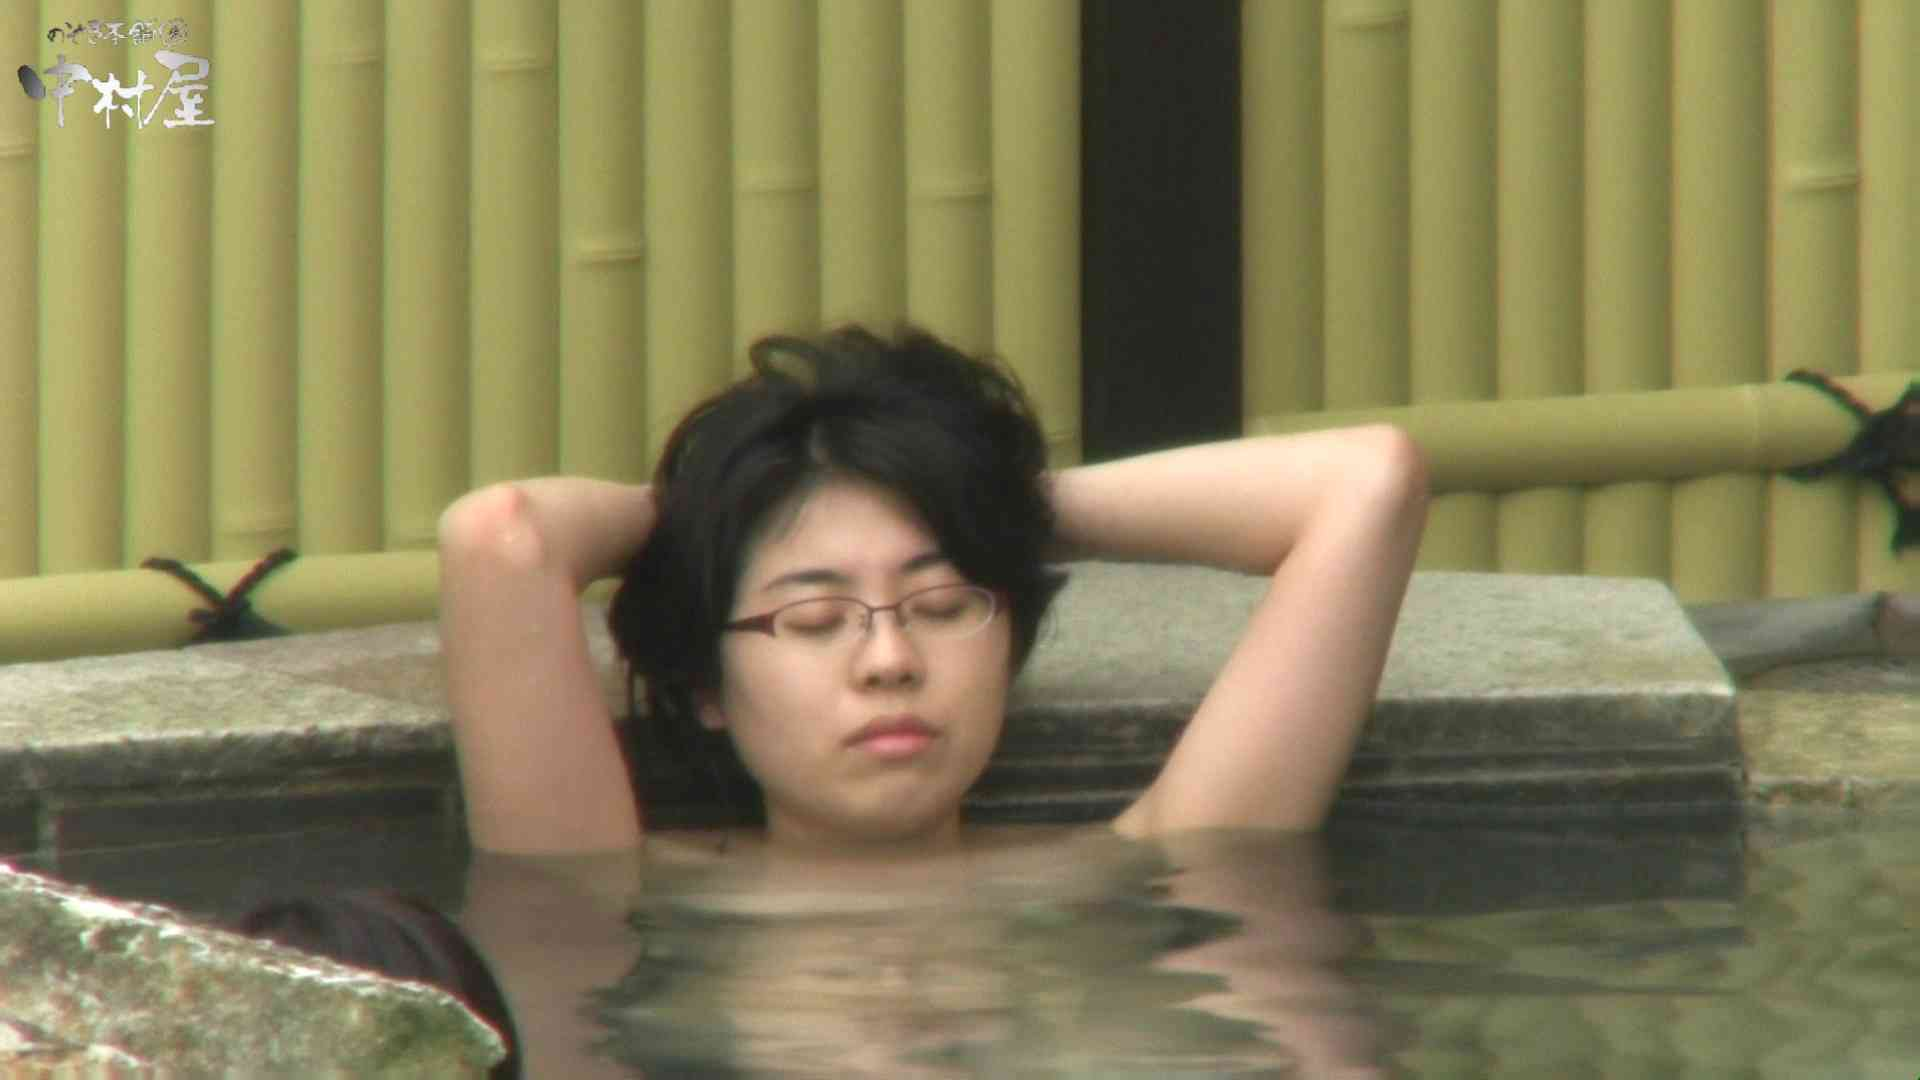 Aquaな露天風呂Vol.947 OLハメ撮り  61Pix 50